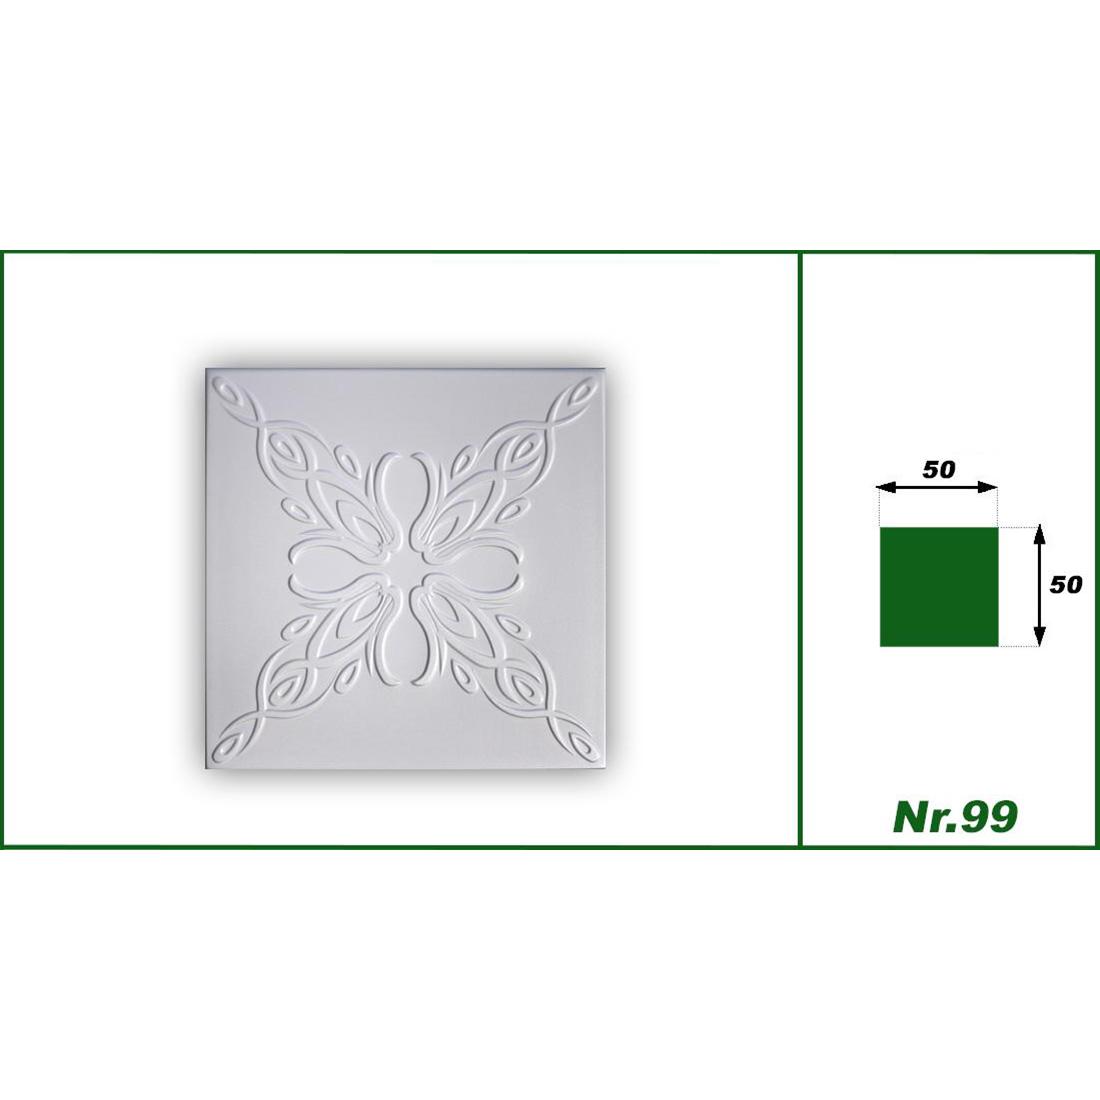 1 qm | Deckenplatten | XPS | formfest | Hexim | 50x50cm | Nr.99